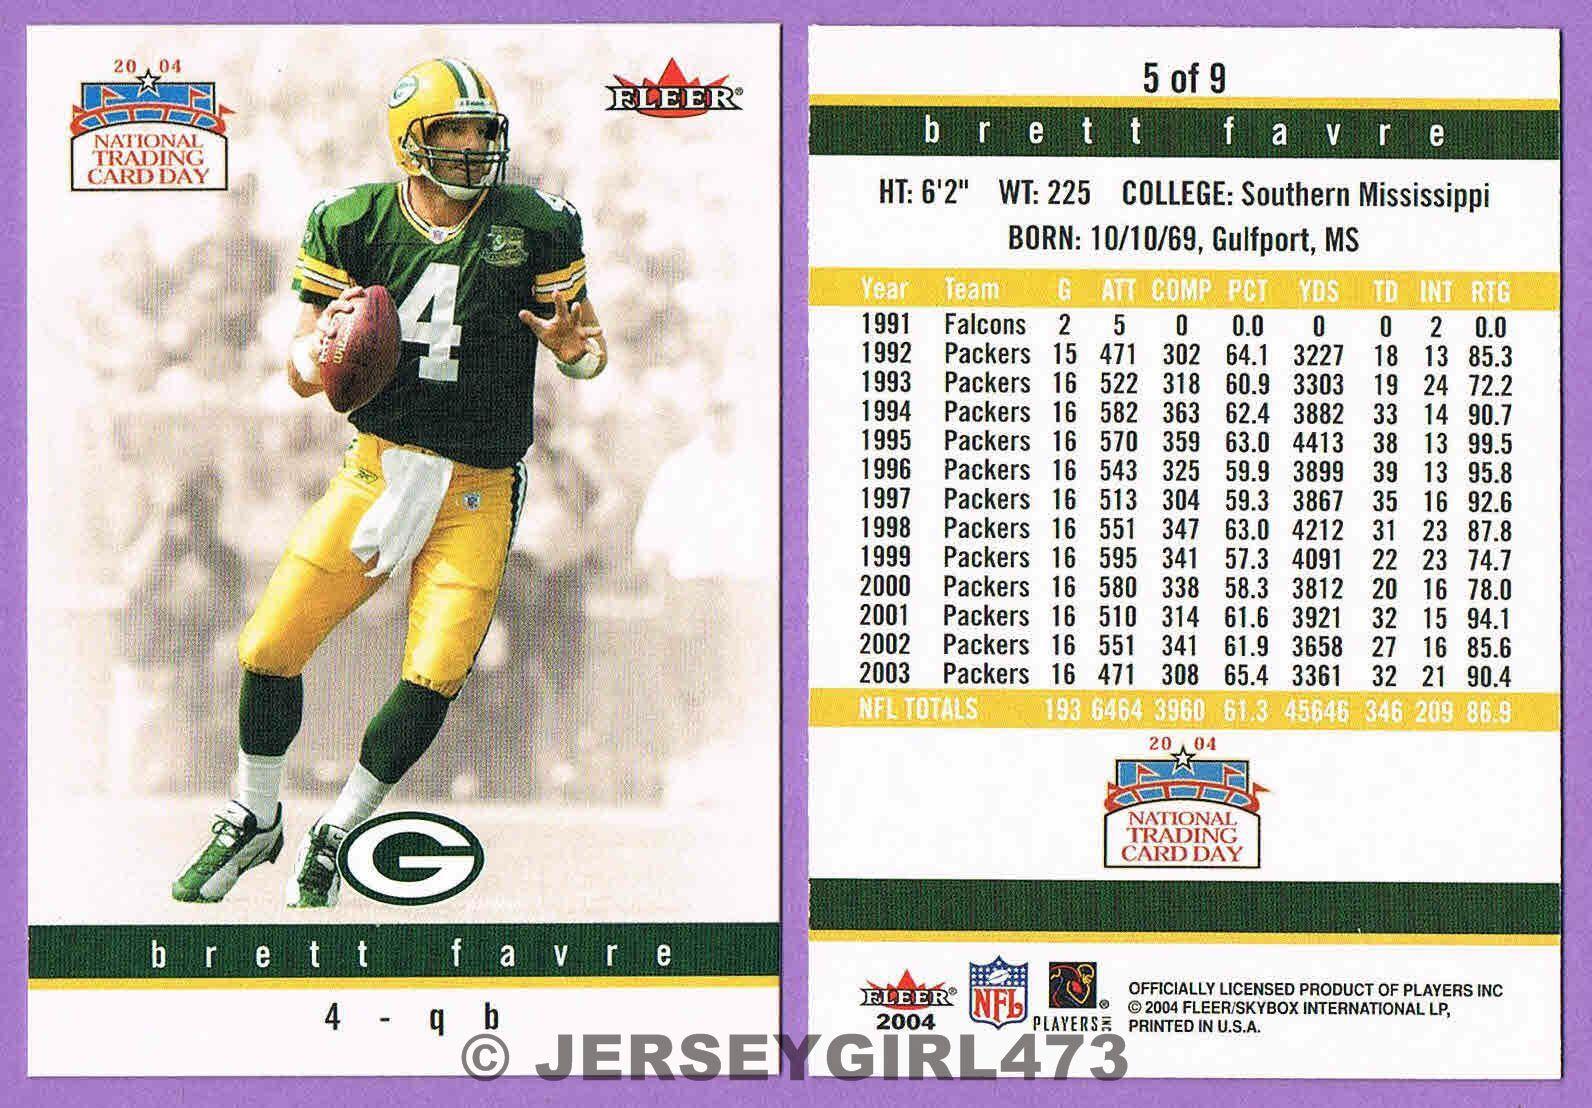 Brett Favre 2004 Fleer National Trading Card Day Packers Football Card #5